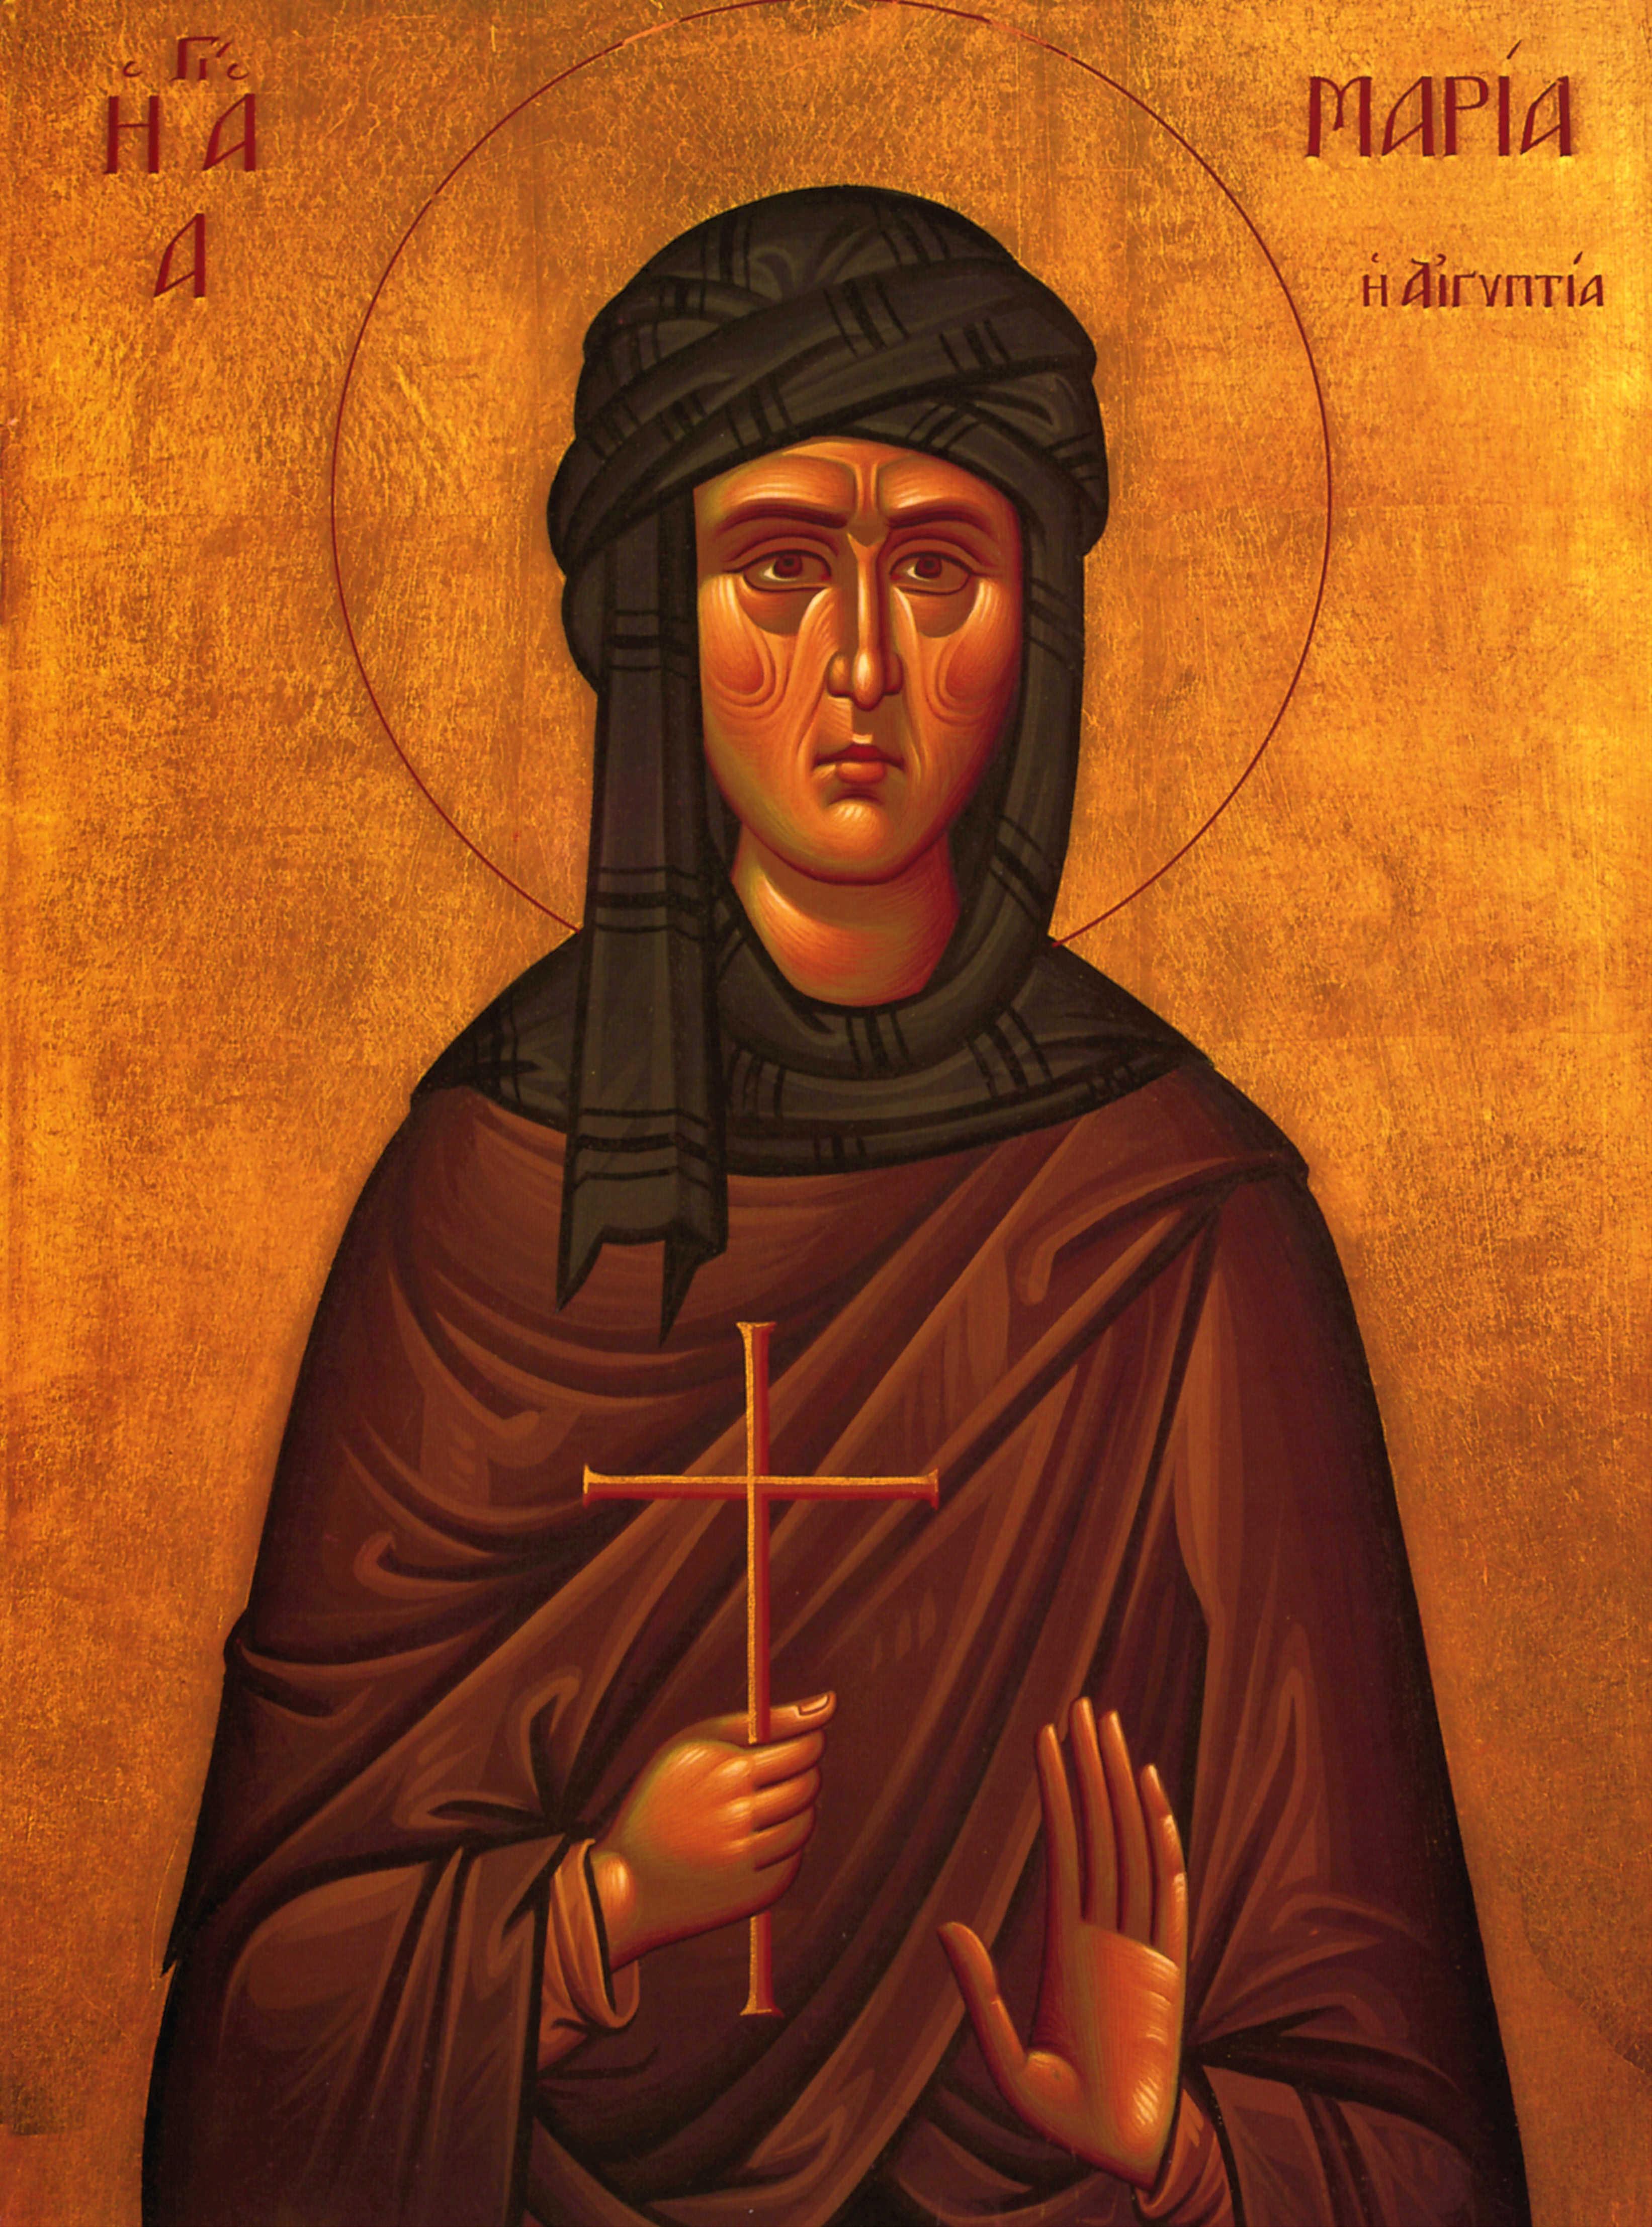 Αποτέλεσμα εικόνας για Οσίας Μαρίας της Αιγυπτίας!